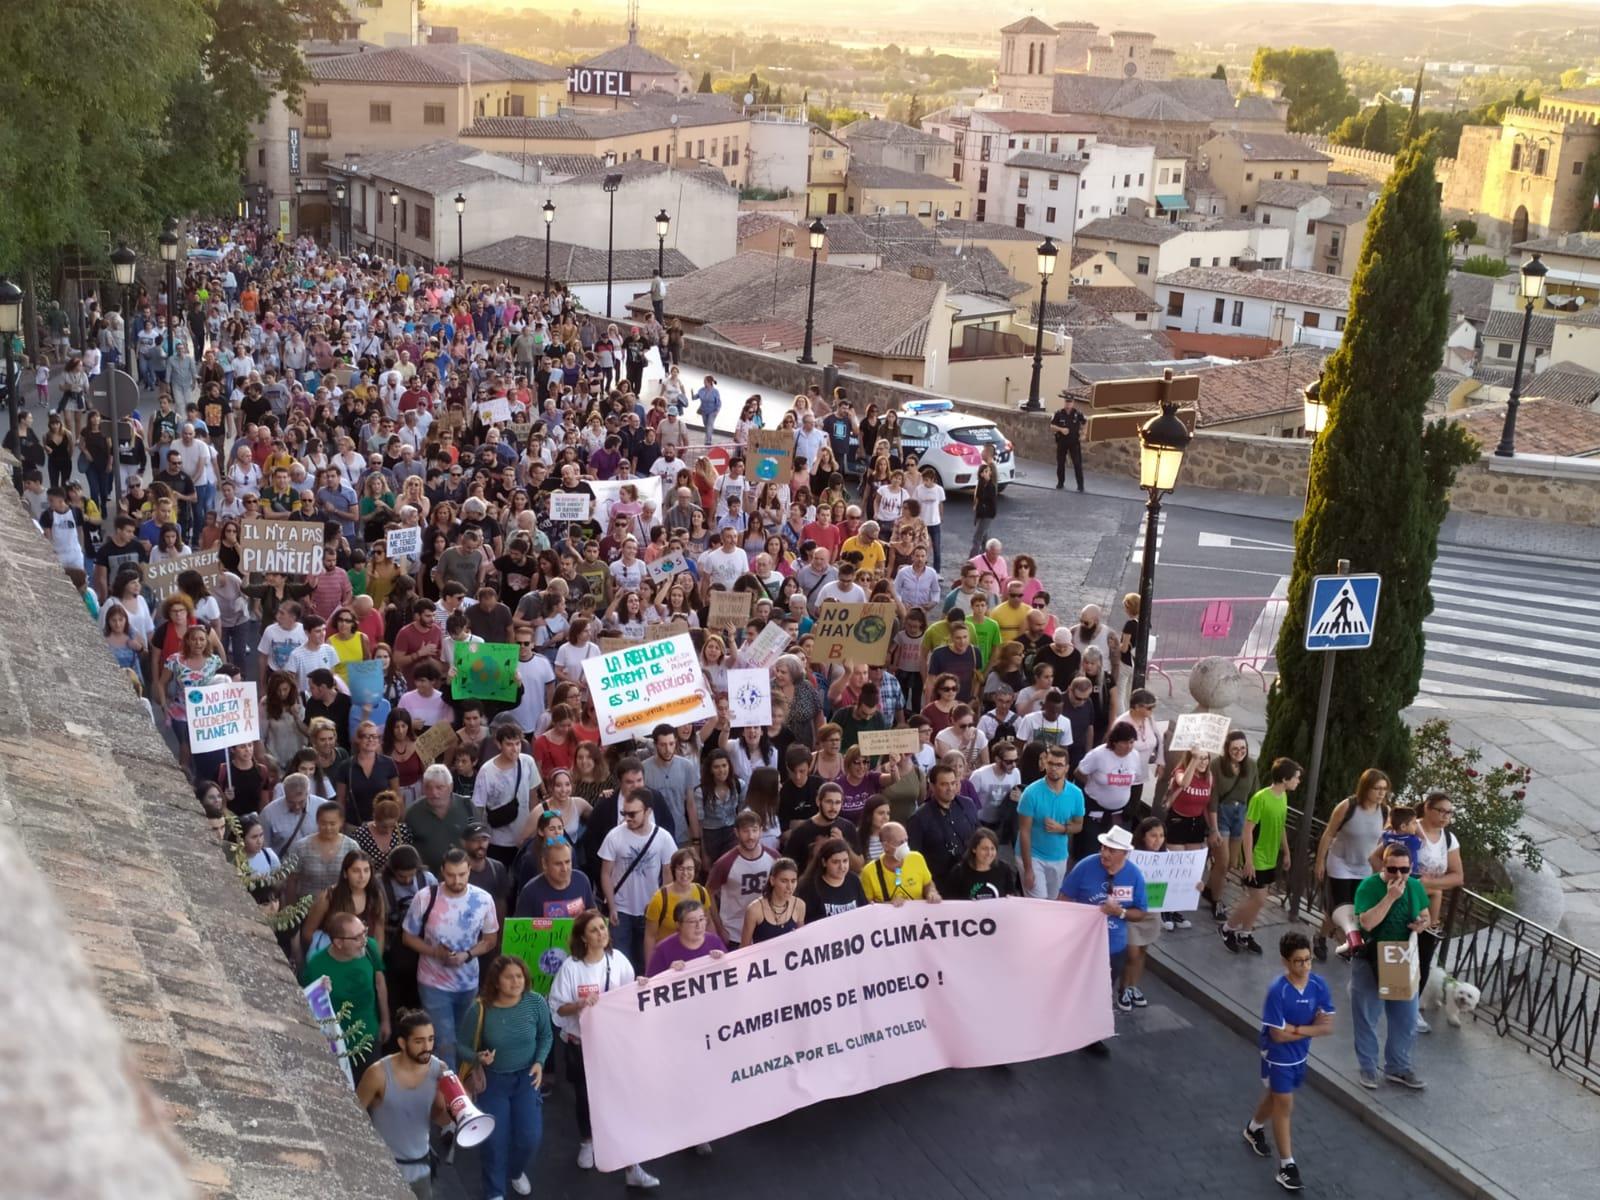 La manifestación en Toledo por la emergencia climática congregó a unas 1.000 personas.